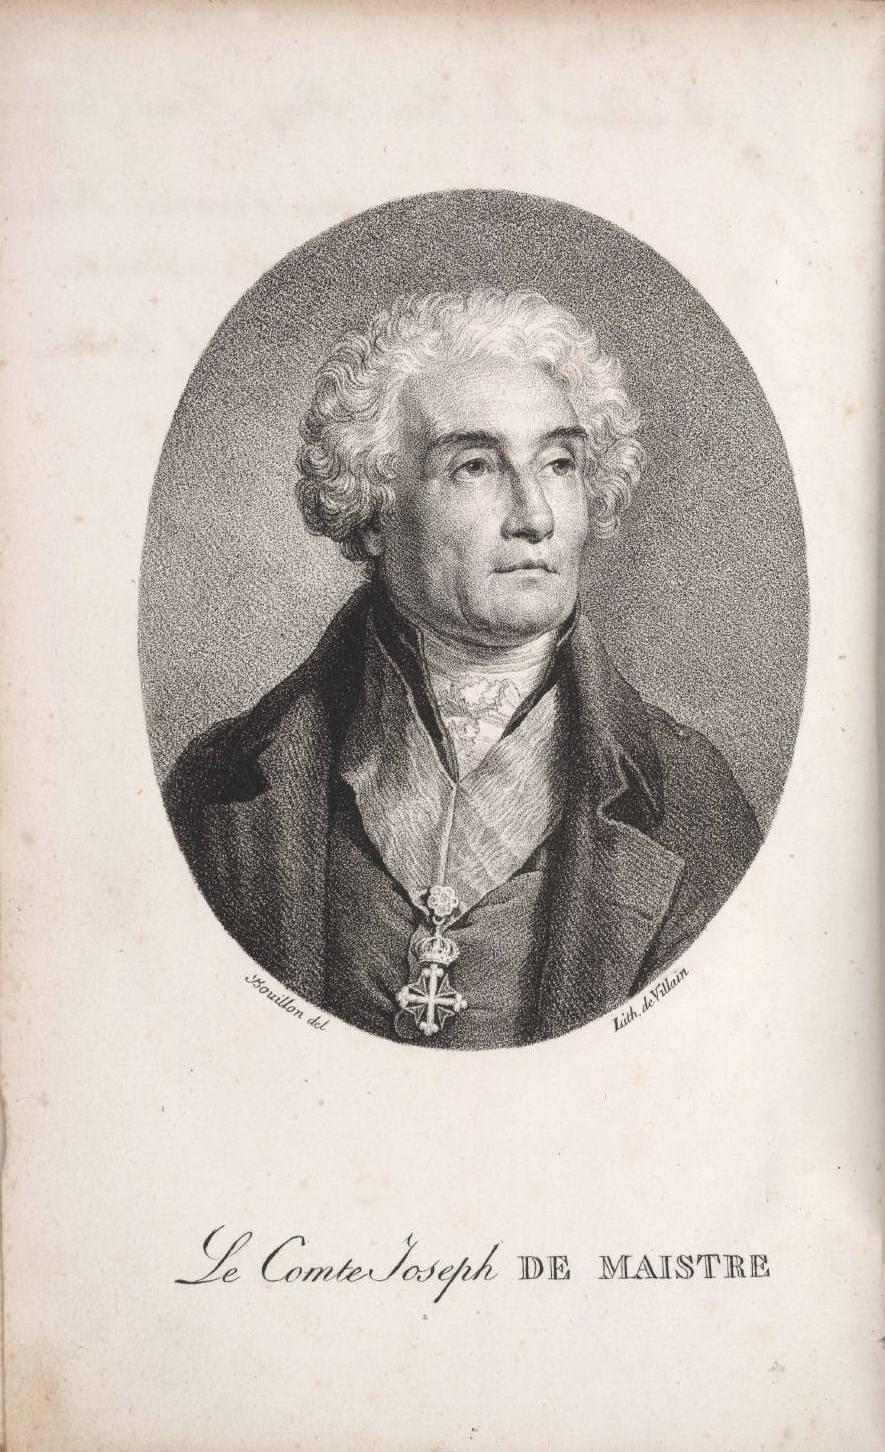 Bouillon/Villain: Joseph de Maistre